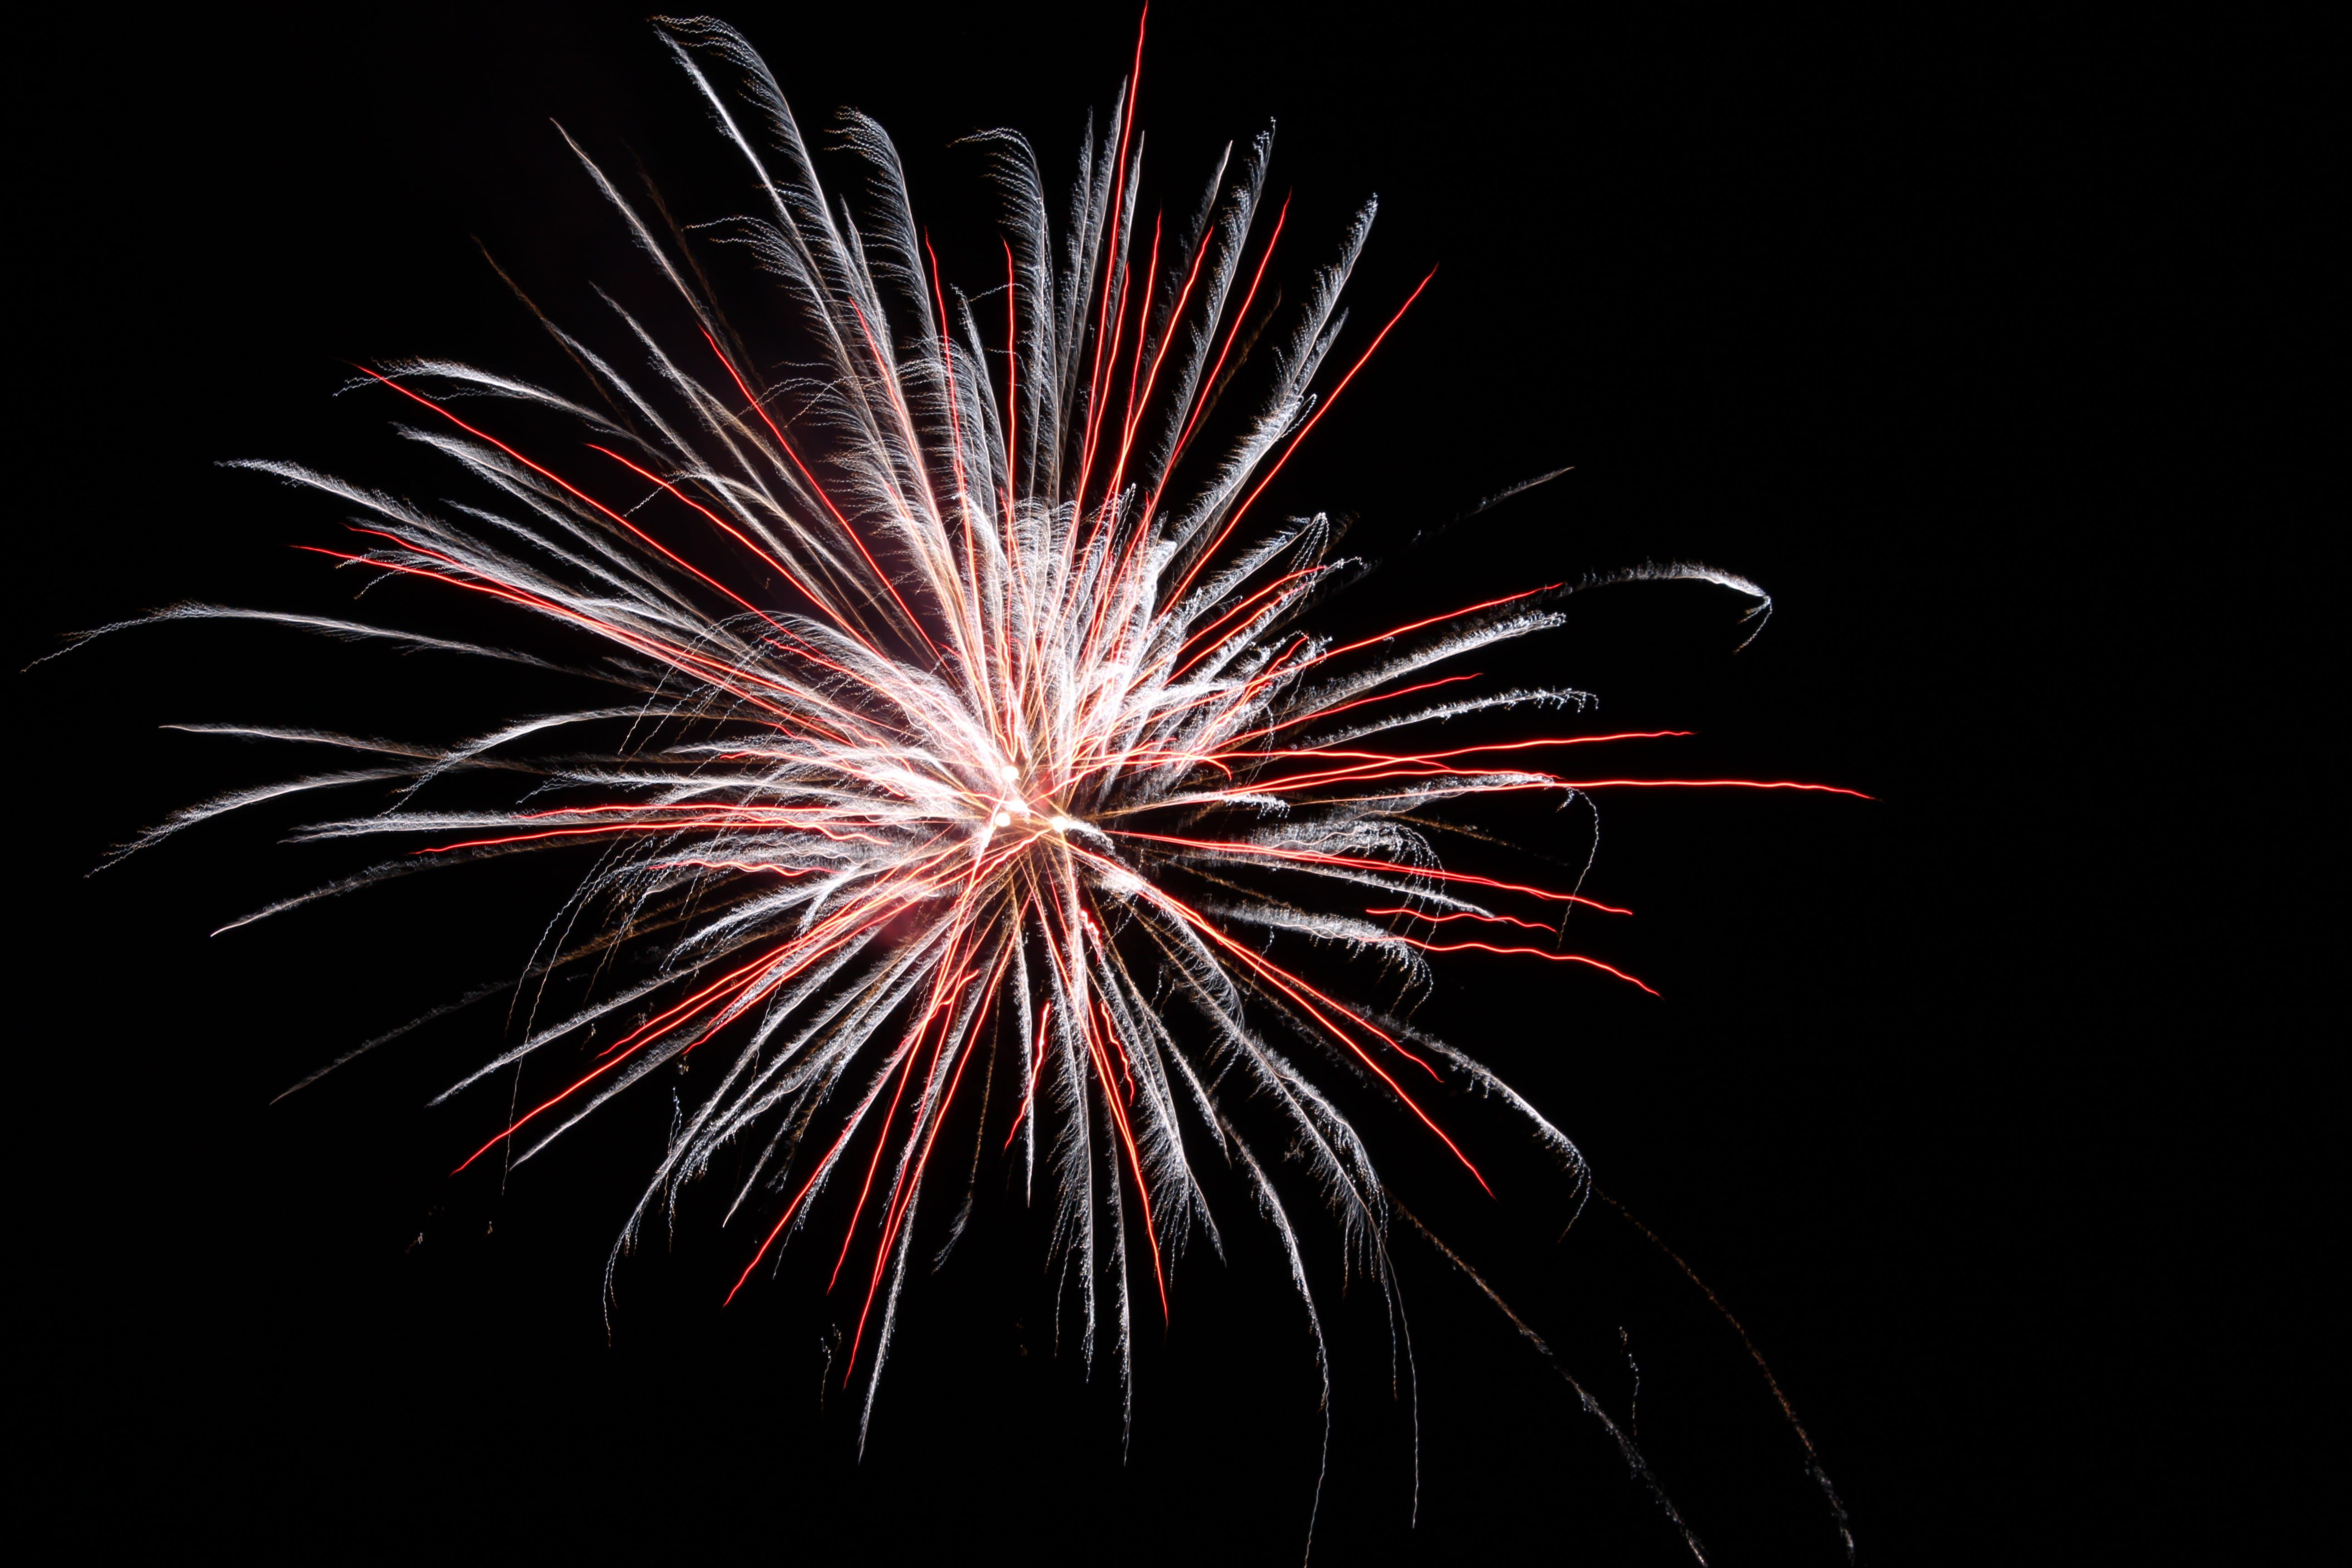 White and Red Firework Burst